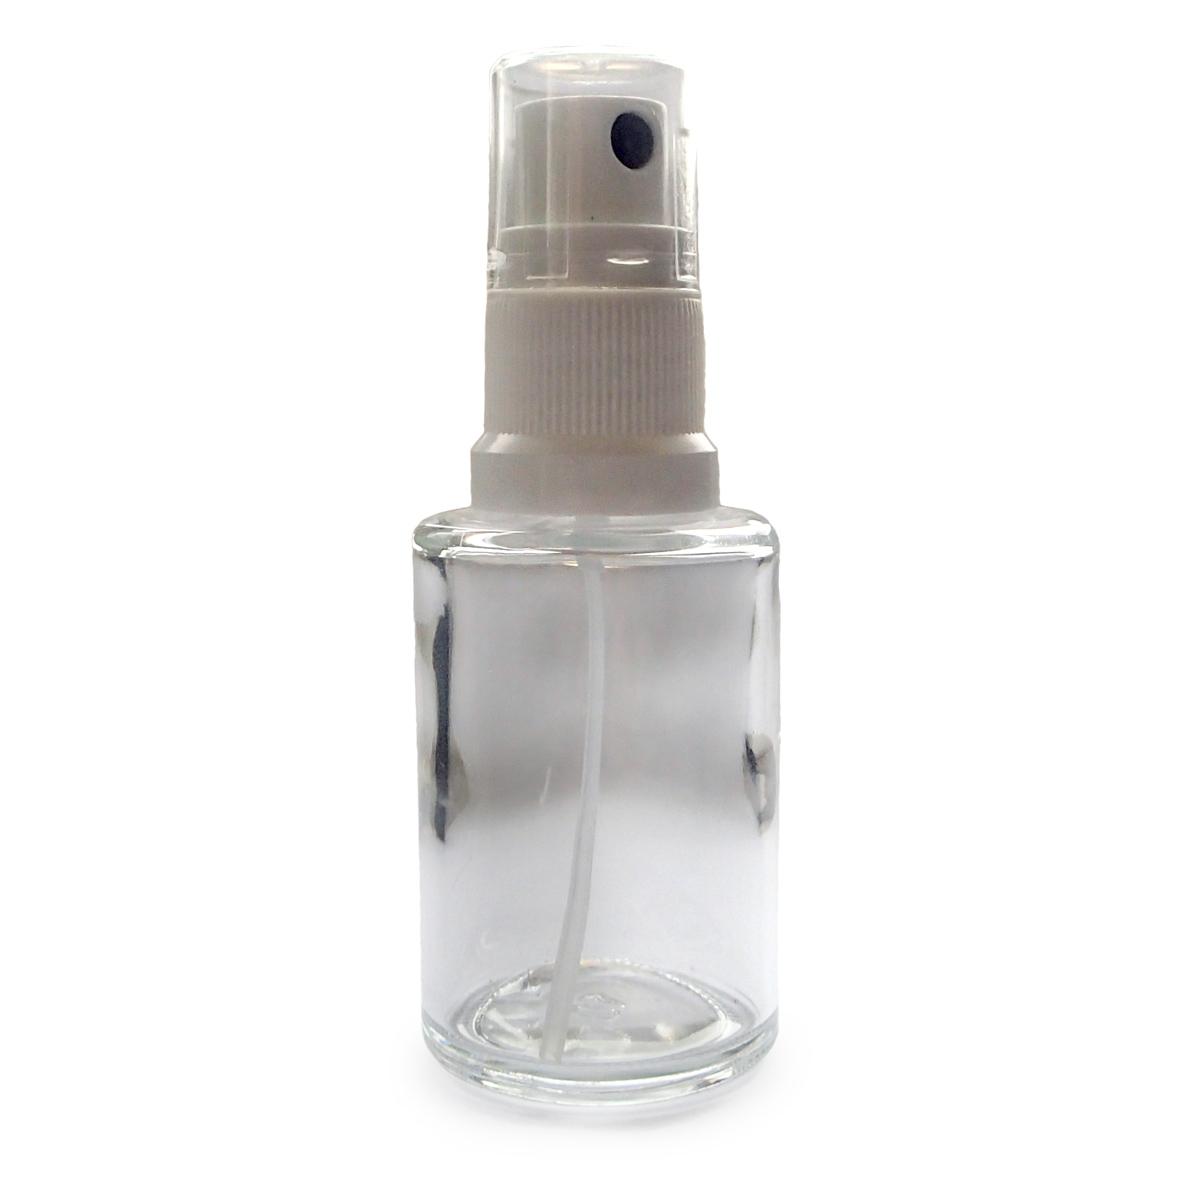 Sklenìný flakon s rozprašovaèem  - Flakony